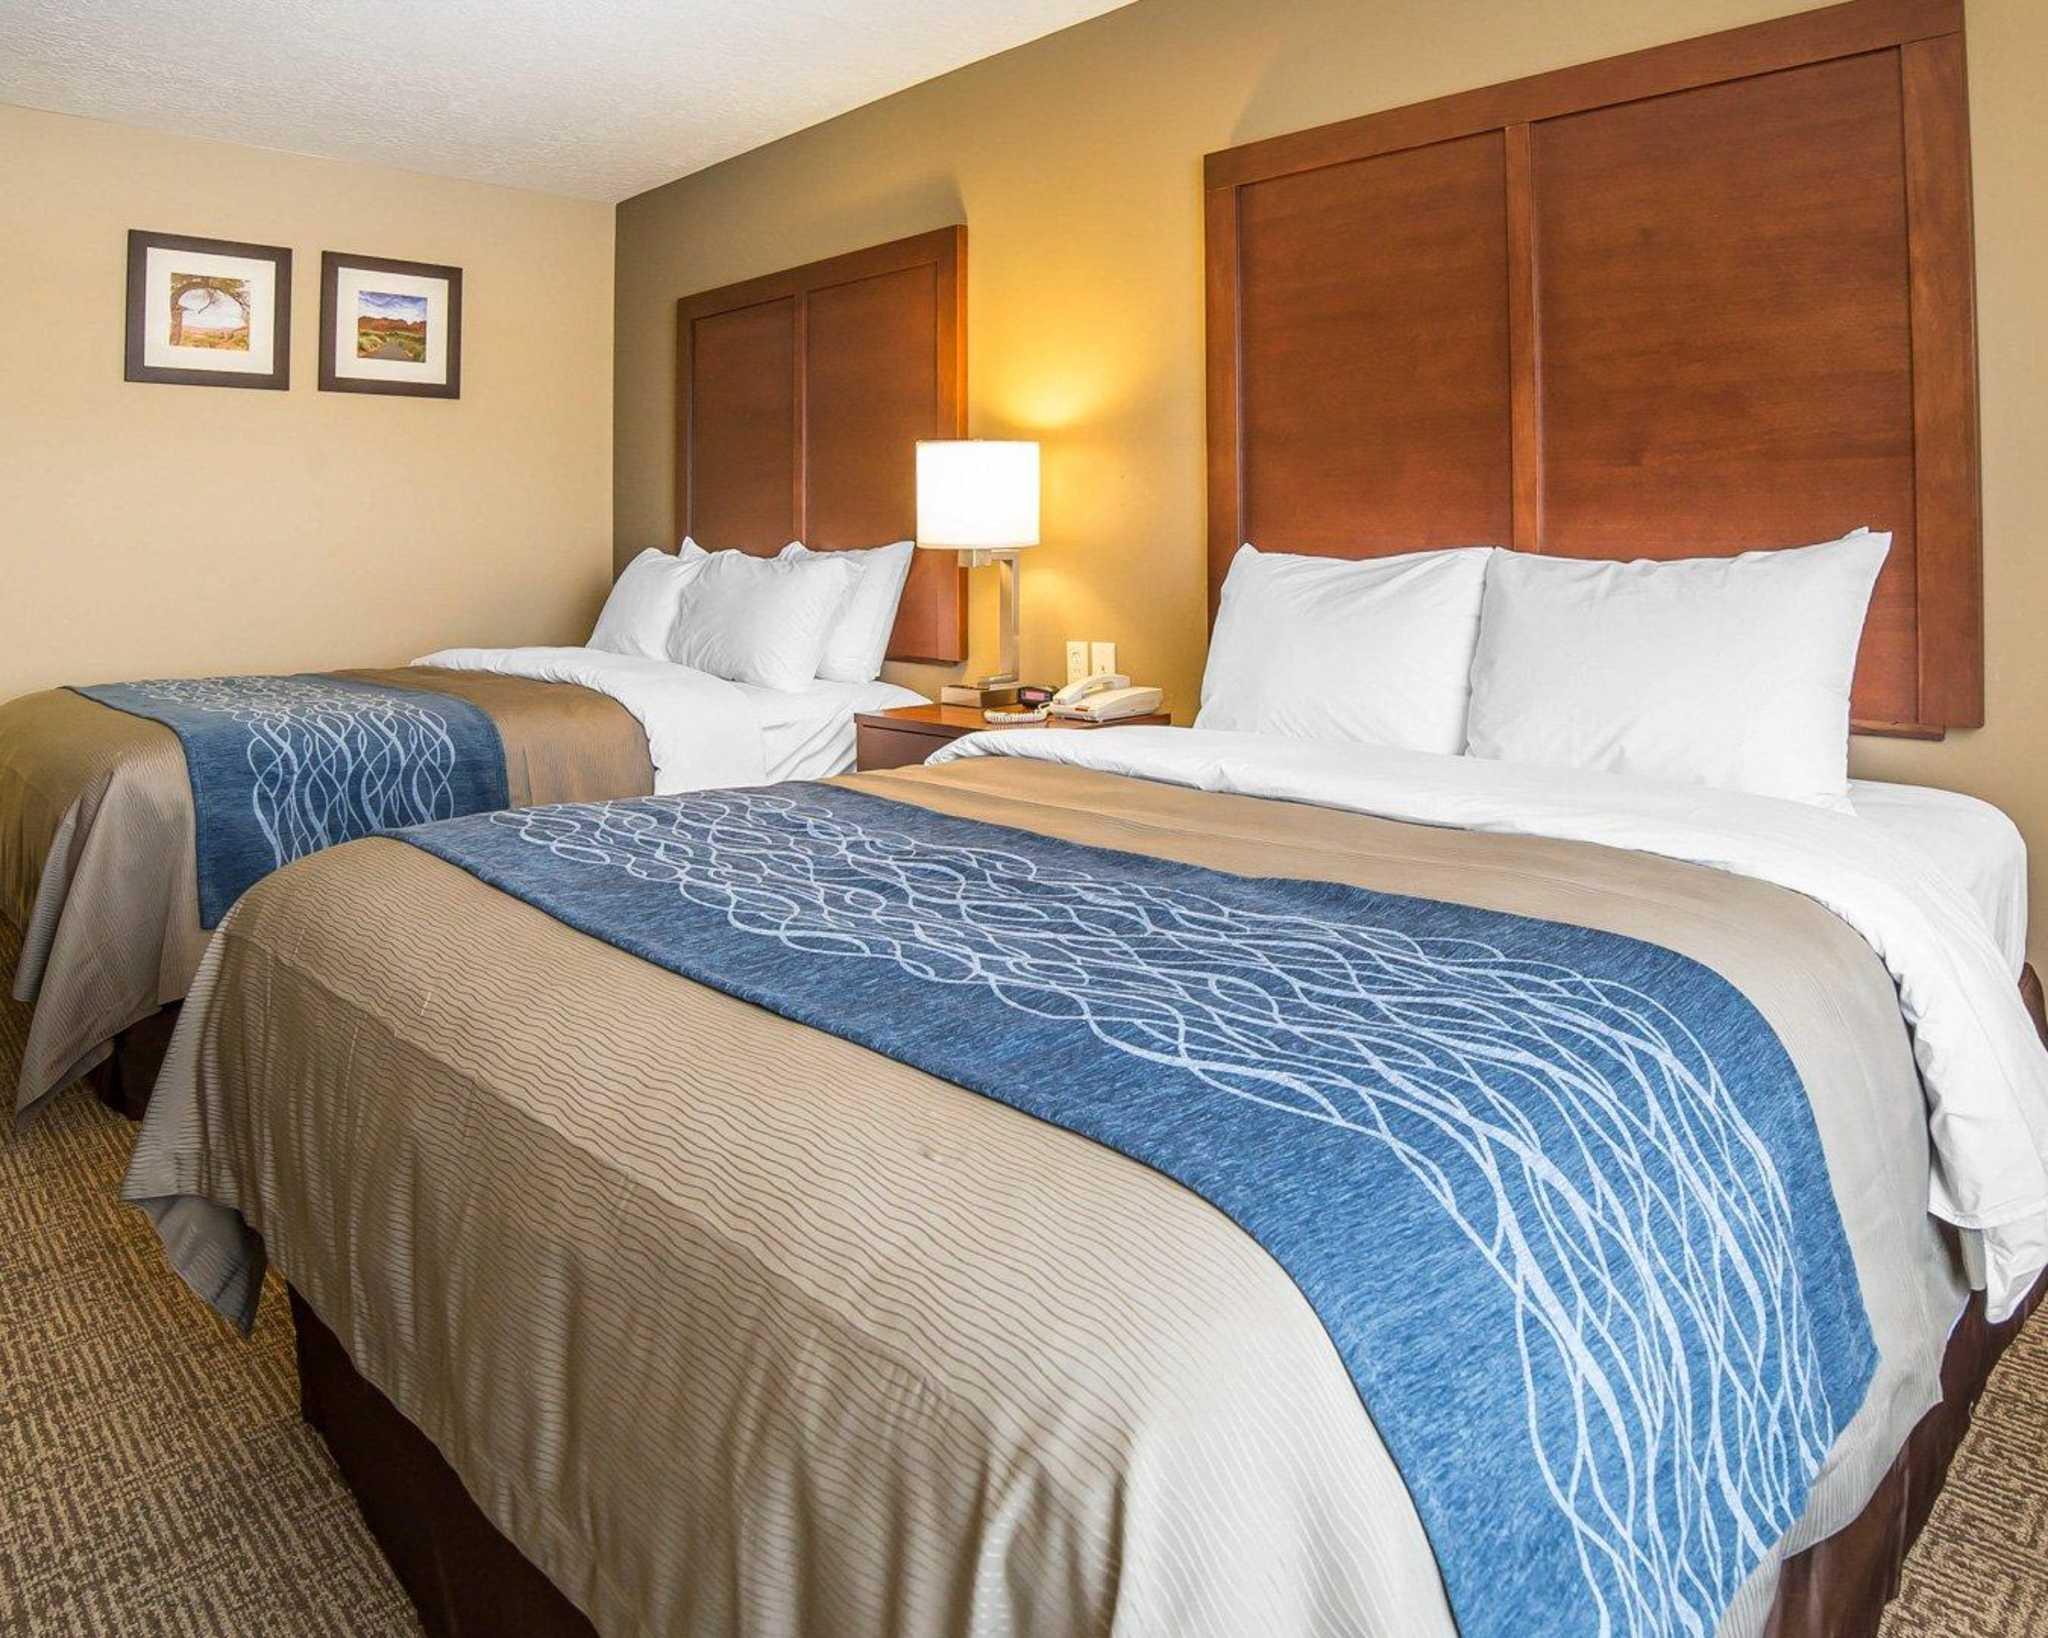 Comfort Inn Saint George North image 2